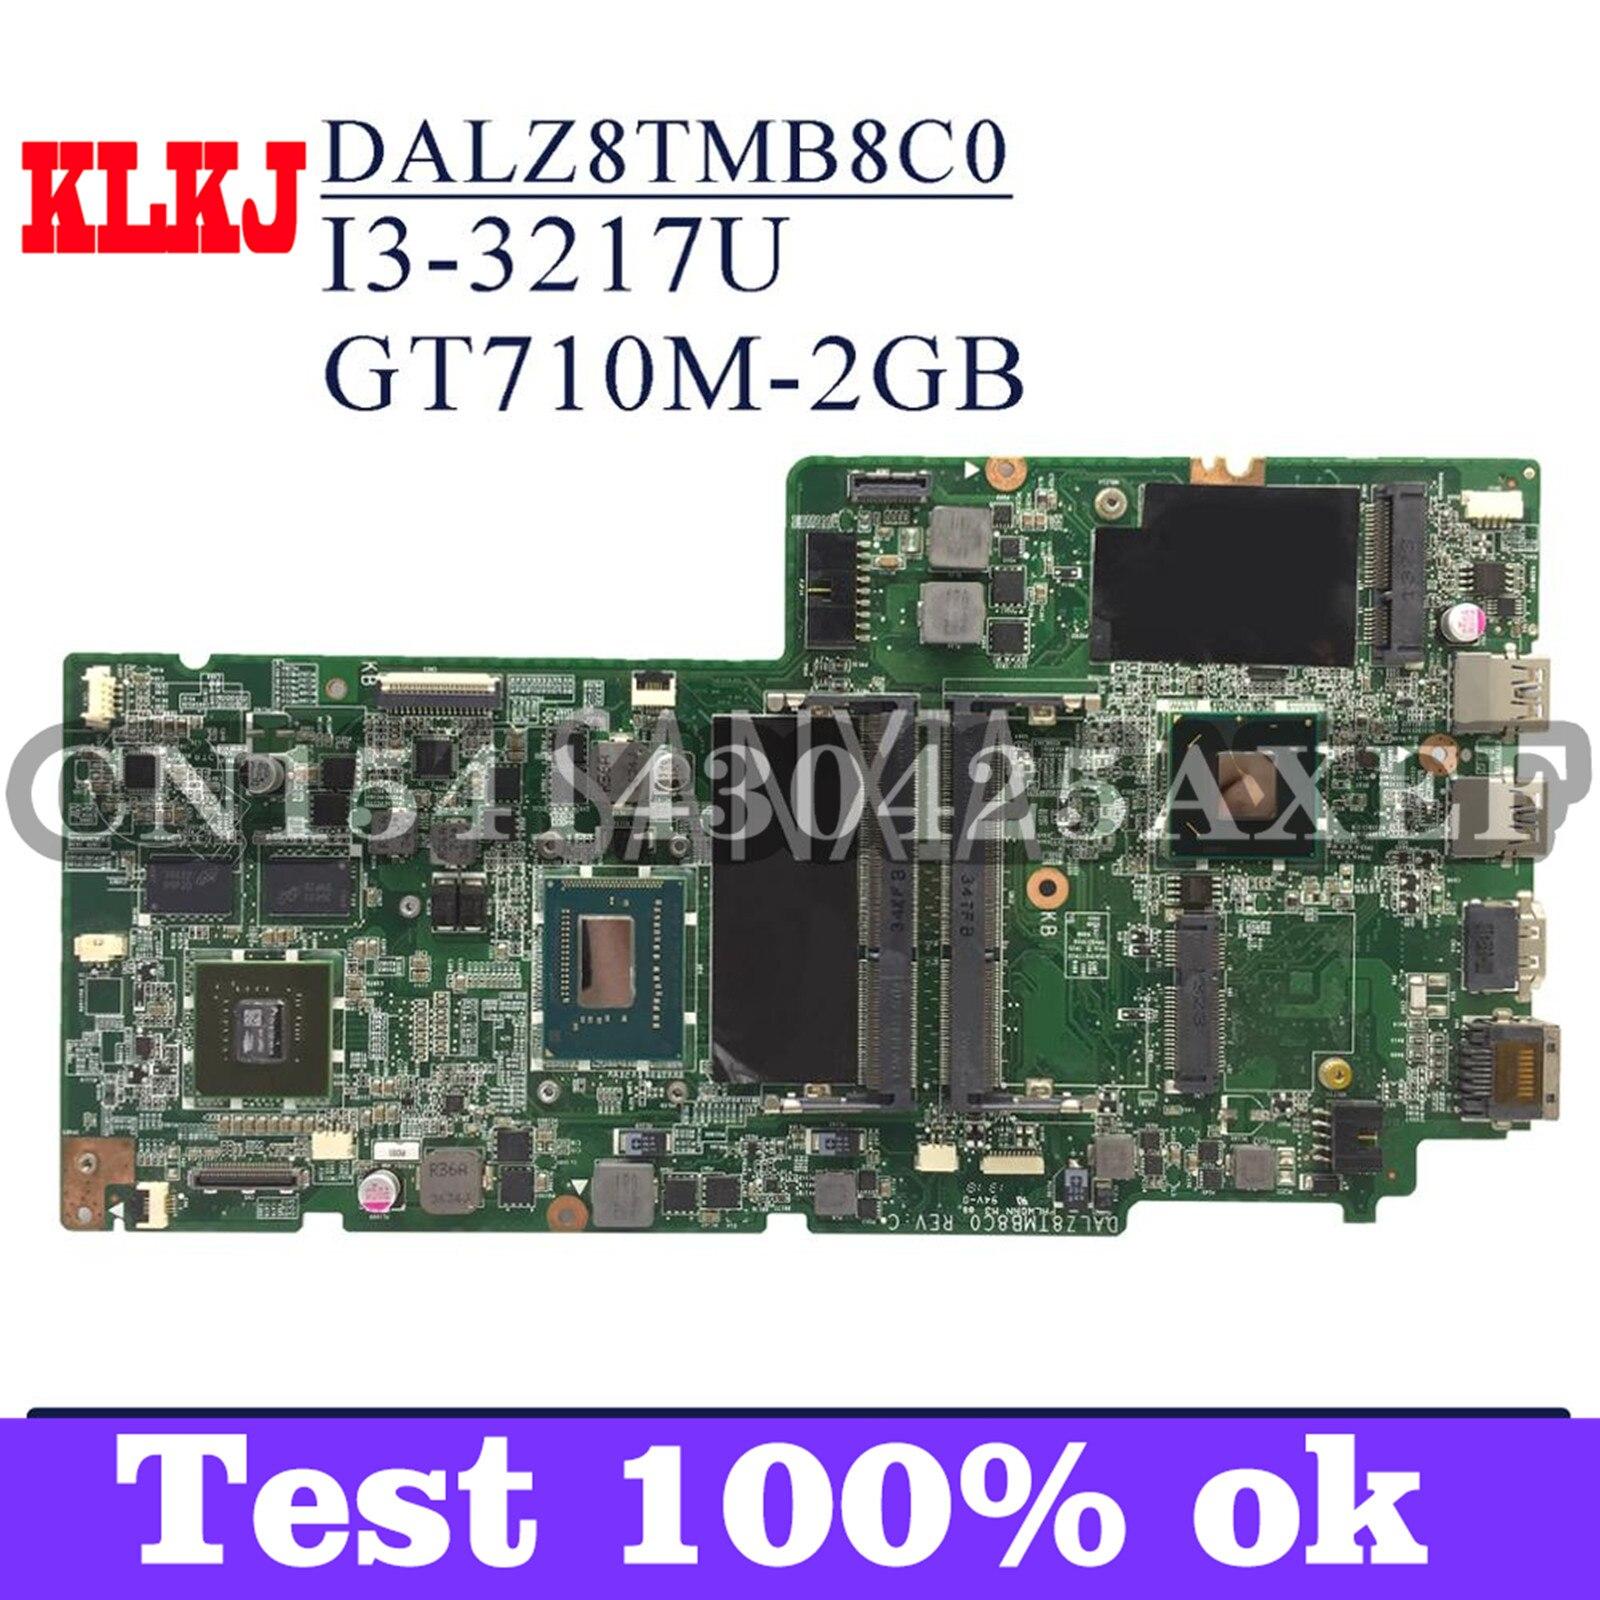 KLKJ DALZ8TMB8C0 اللوحة الأم لأجهزة الكمبيوتر المحمول لينوفو Ideapad U410 اللوحة الرئيسية الأصلية I3-3217U GT710M-2GB